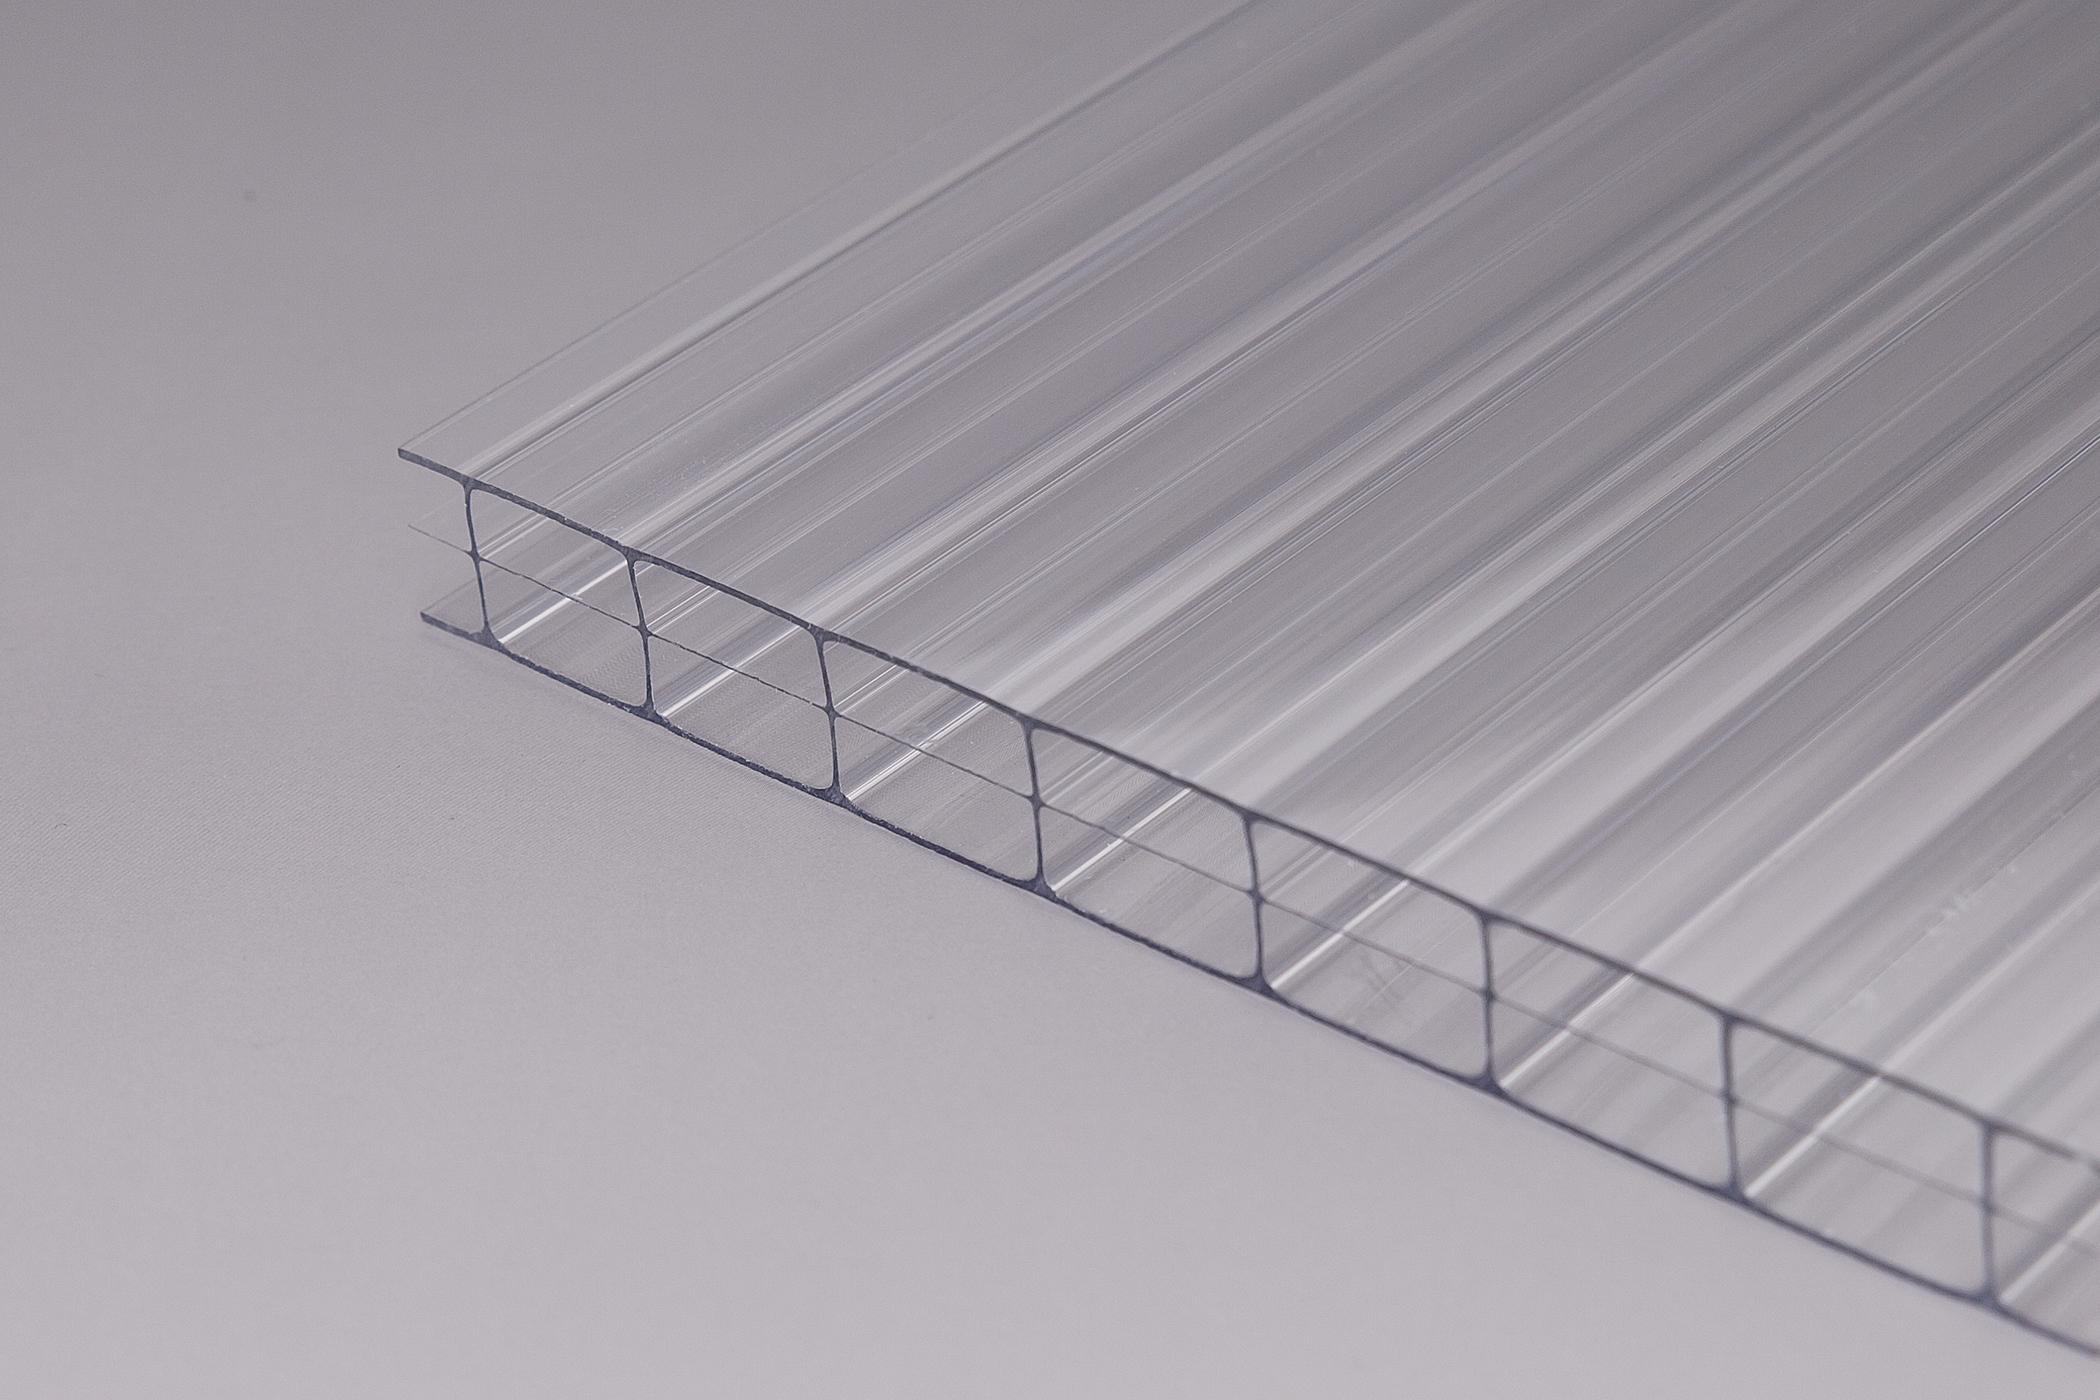 stegdreifachplatte glashell polycarbonat 16 mm marlon z une sichtschutzelemente im onlineshop. Black Bedroom Furniture Sets. Home Design Ideas